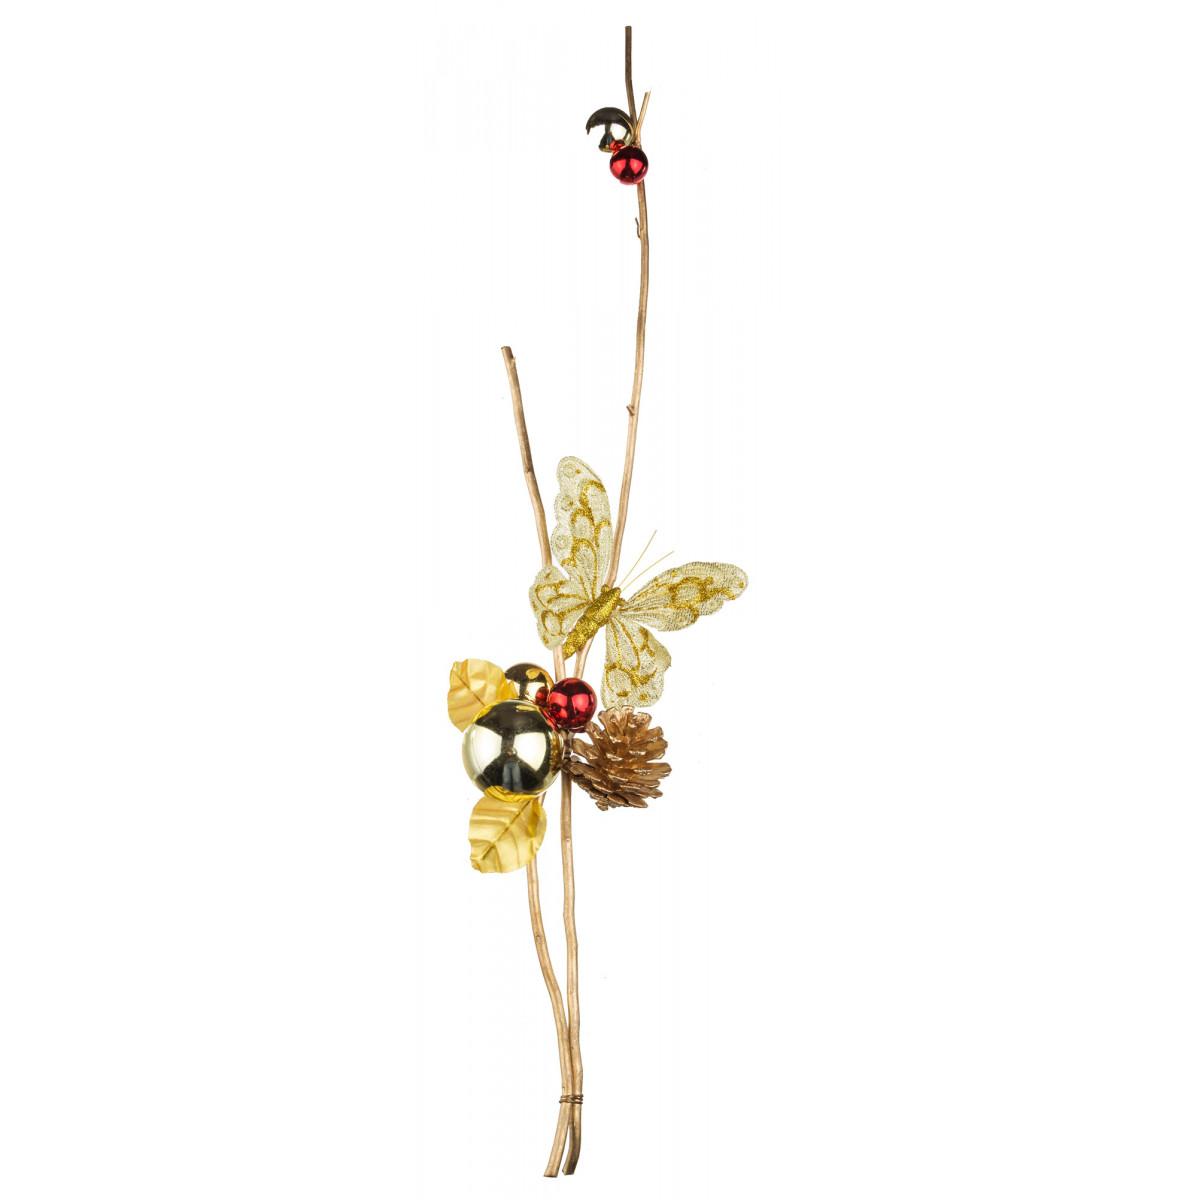 {} Lefard Искусственное растение Matilda  (50 см) lefard искусственное растение arley 85 см